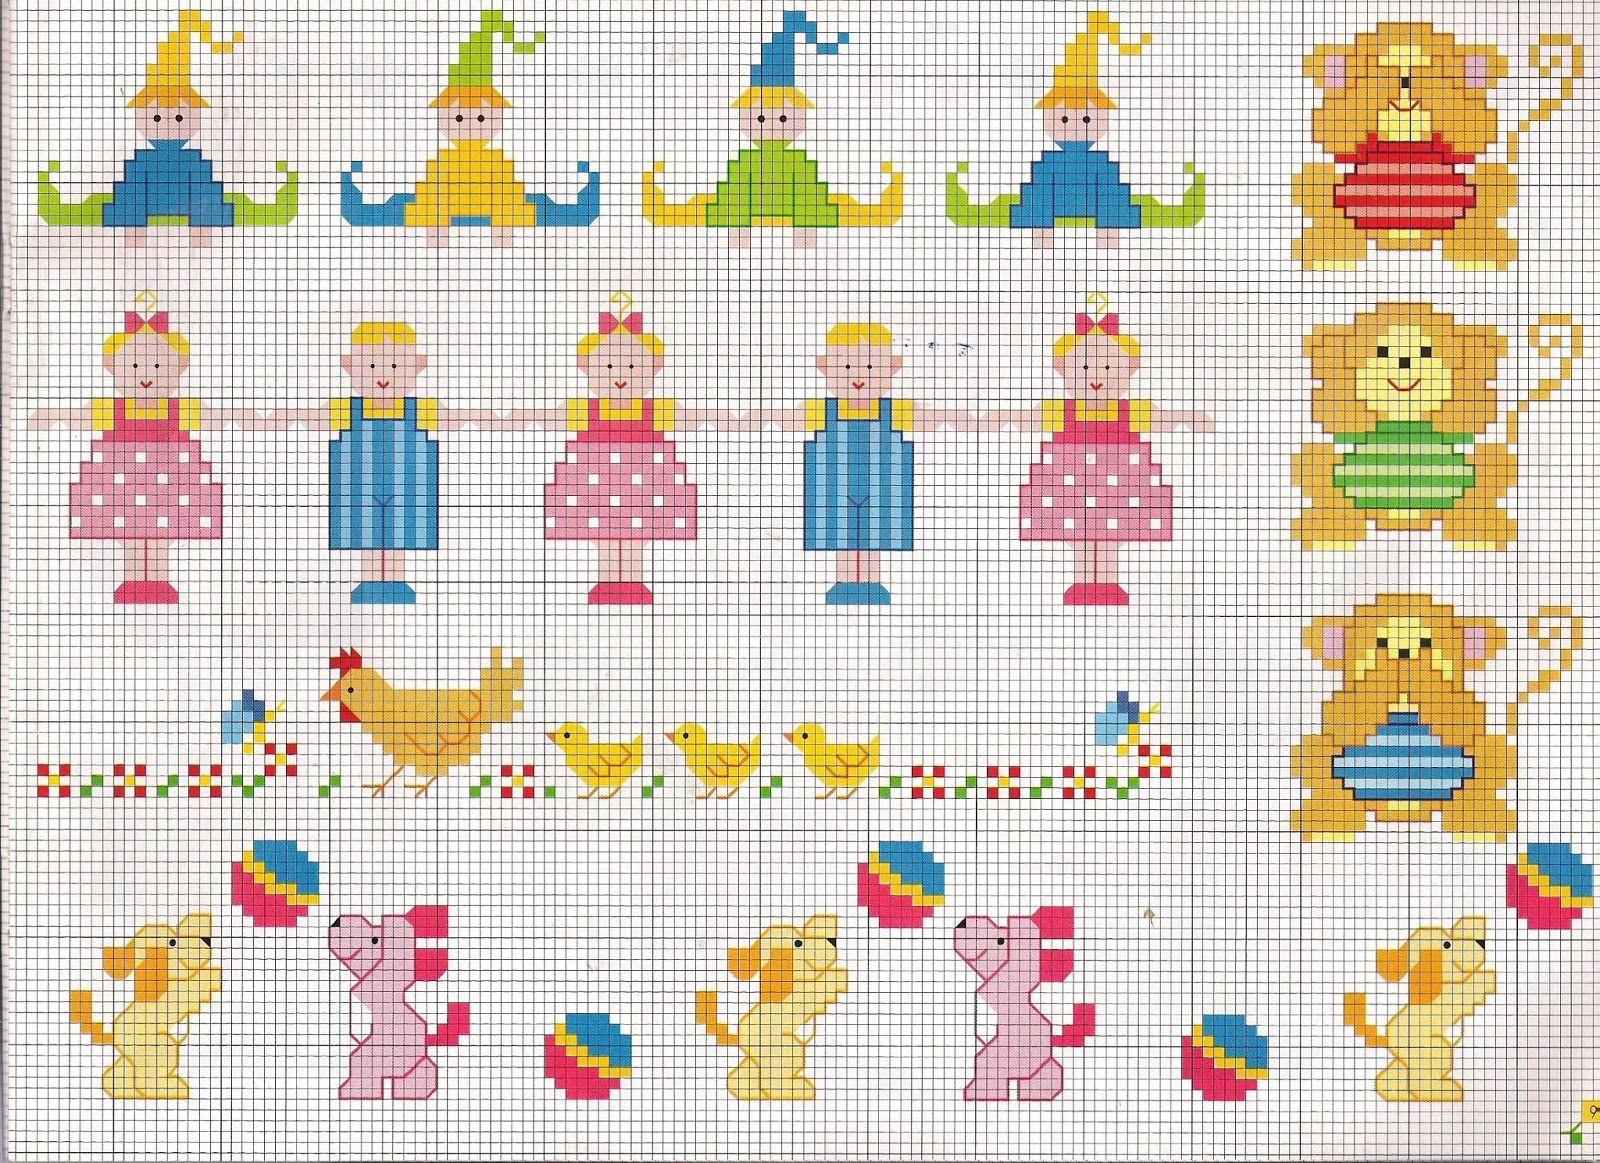 Punto croce schemi facili per 1 600 1 163 for Farfalle a punto croce per bambini